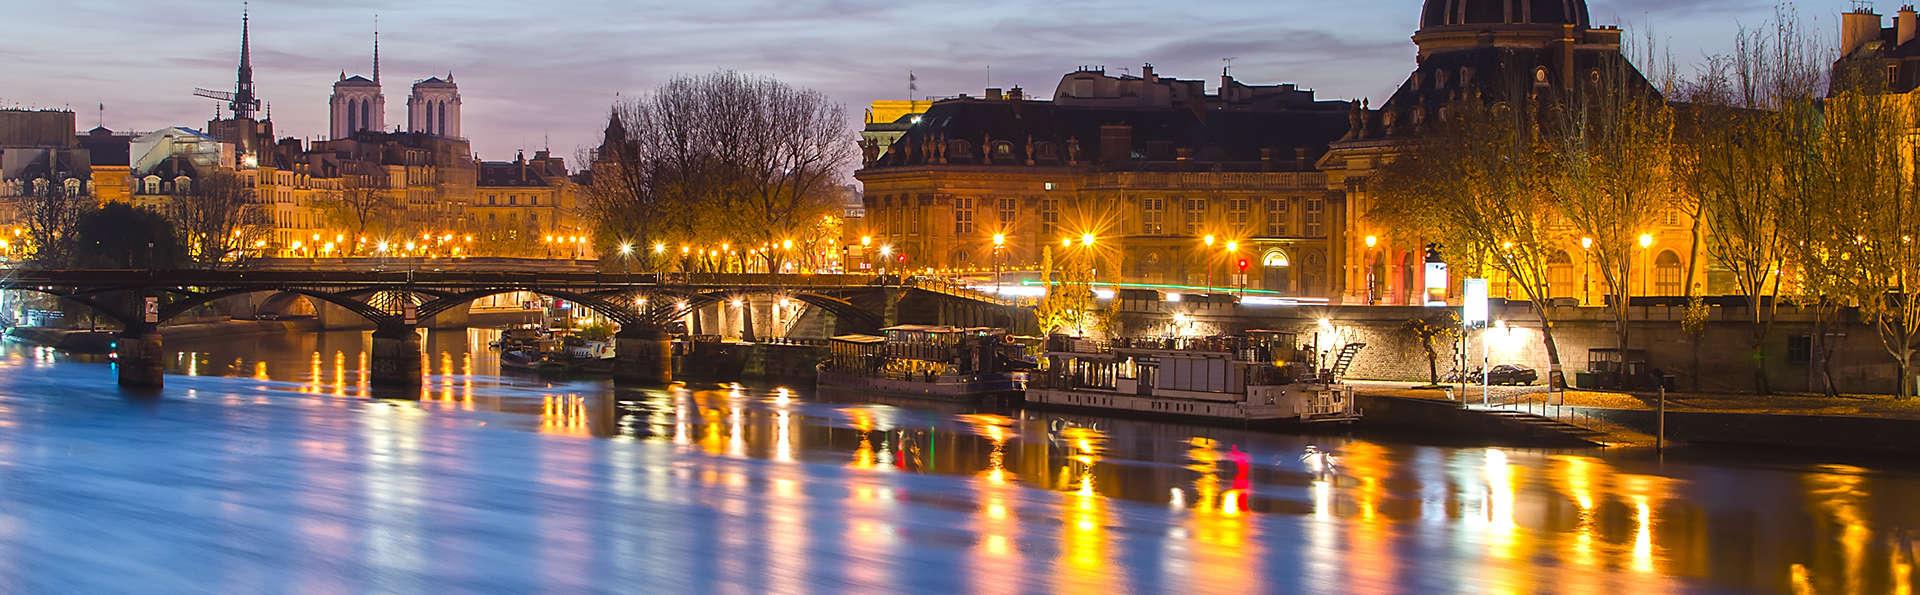 Balade sur la Seine à la découverte de Paris !